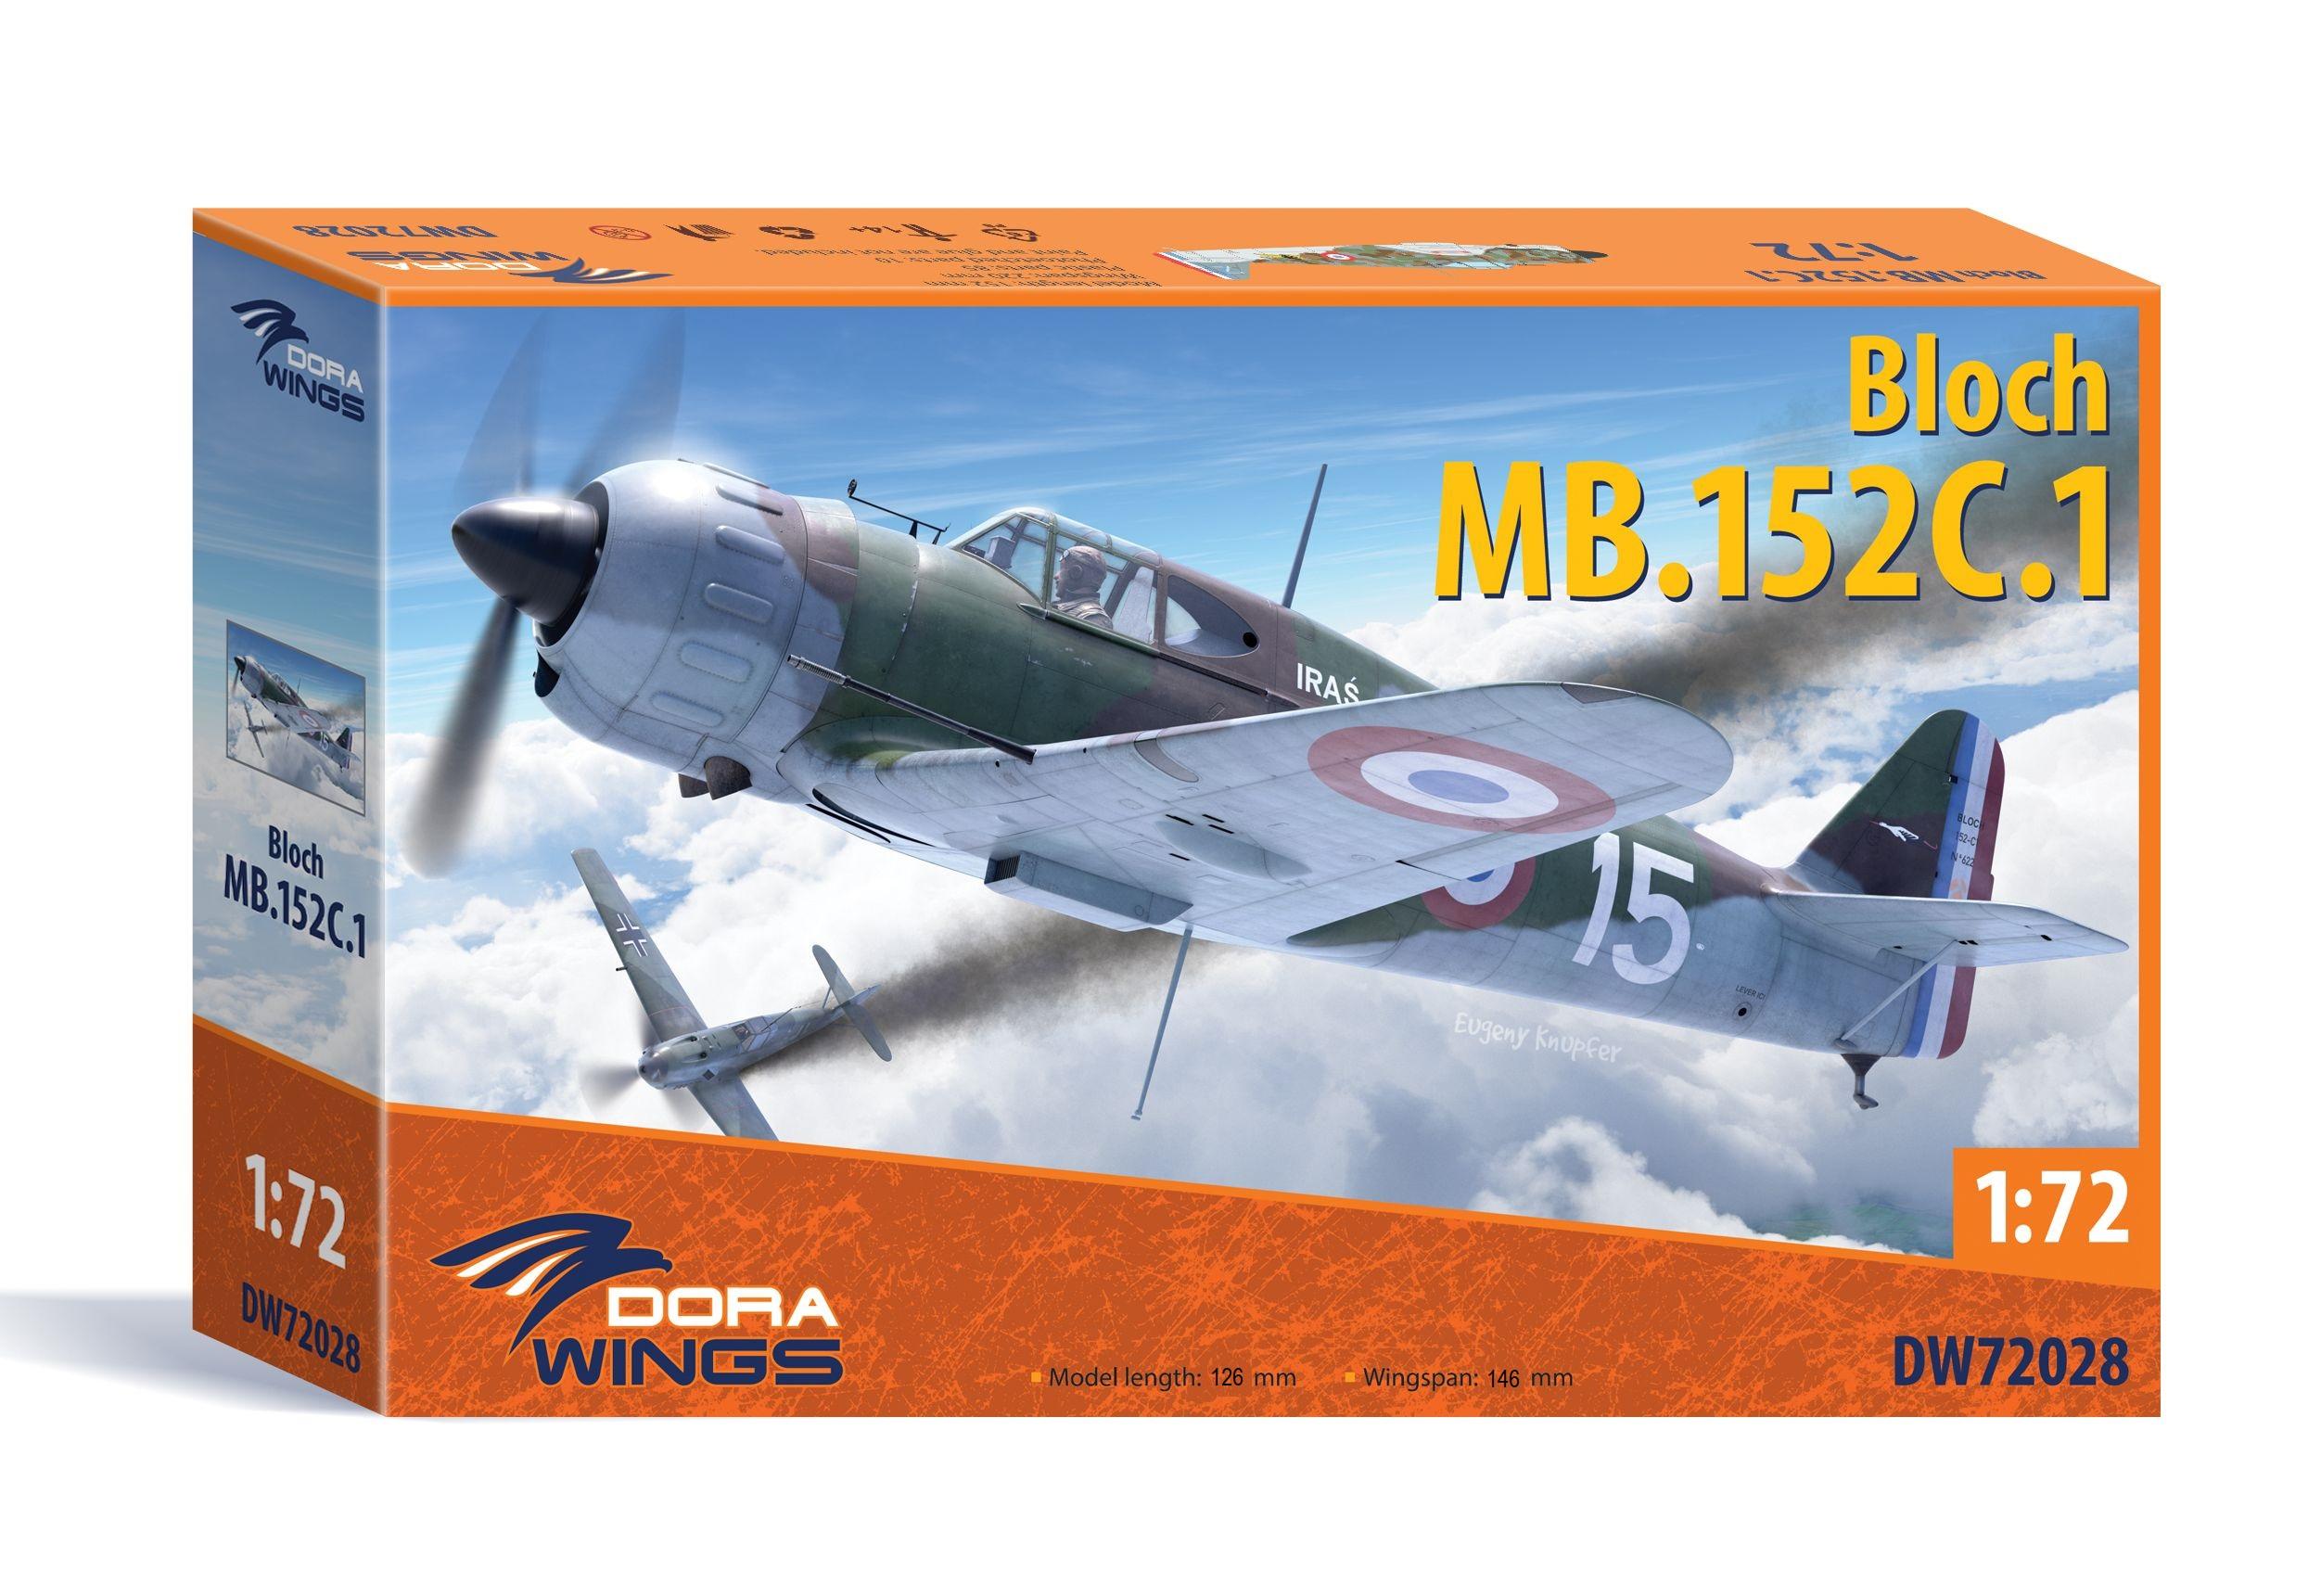 Dora Wings 1/72 Bloch MB.152(late)